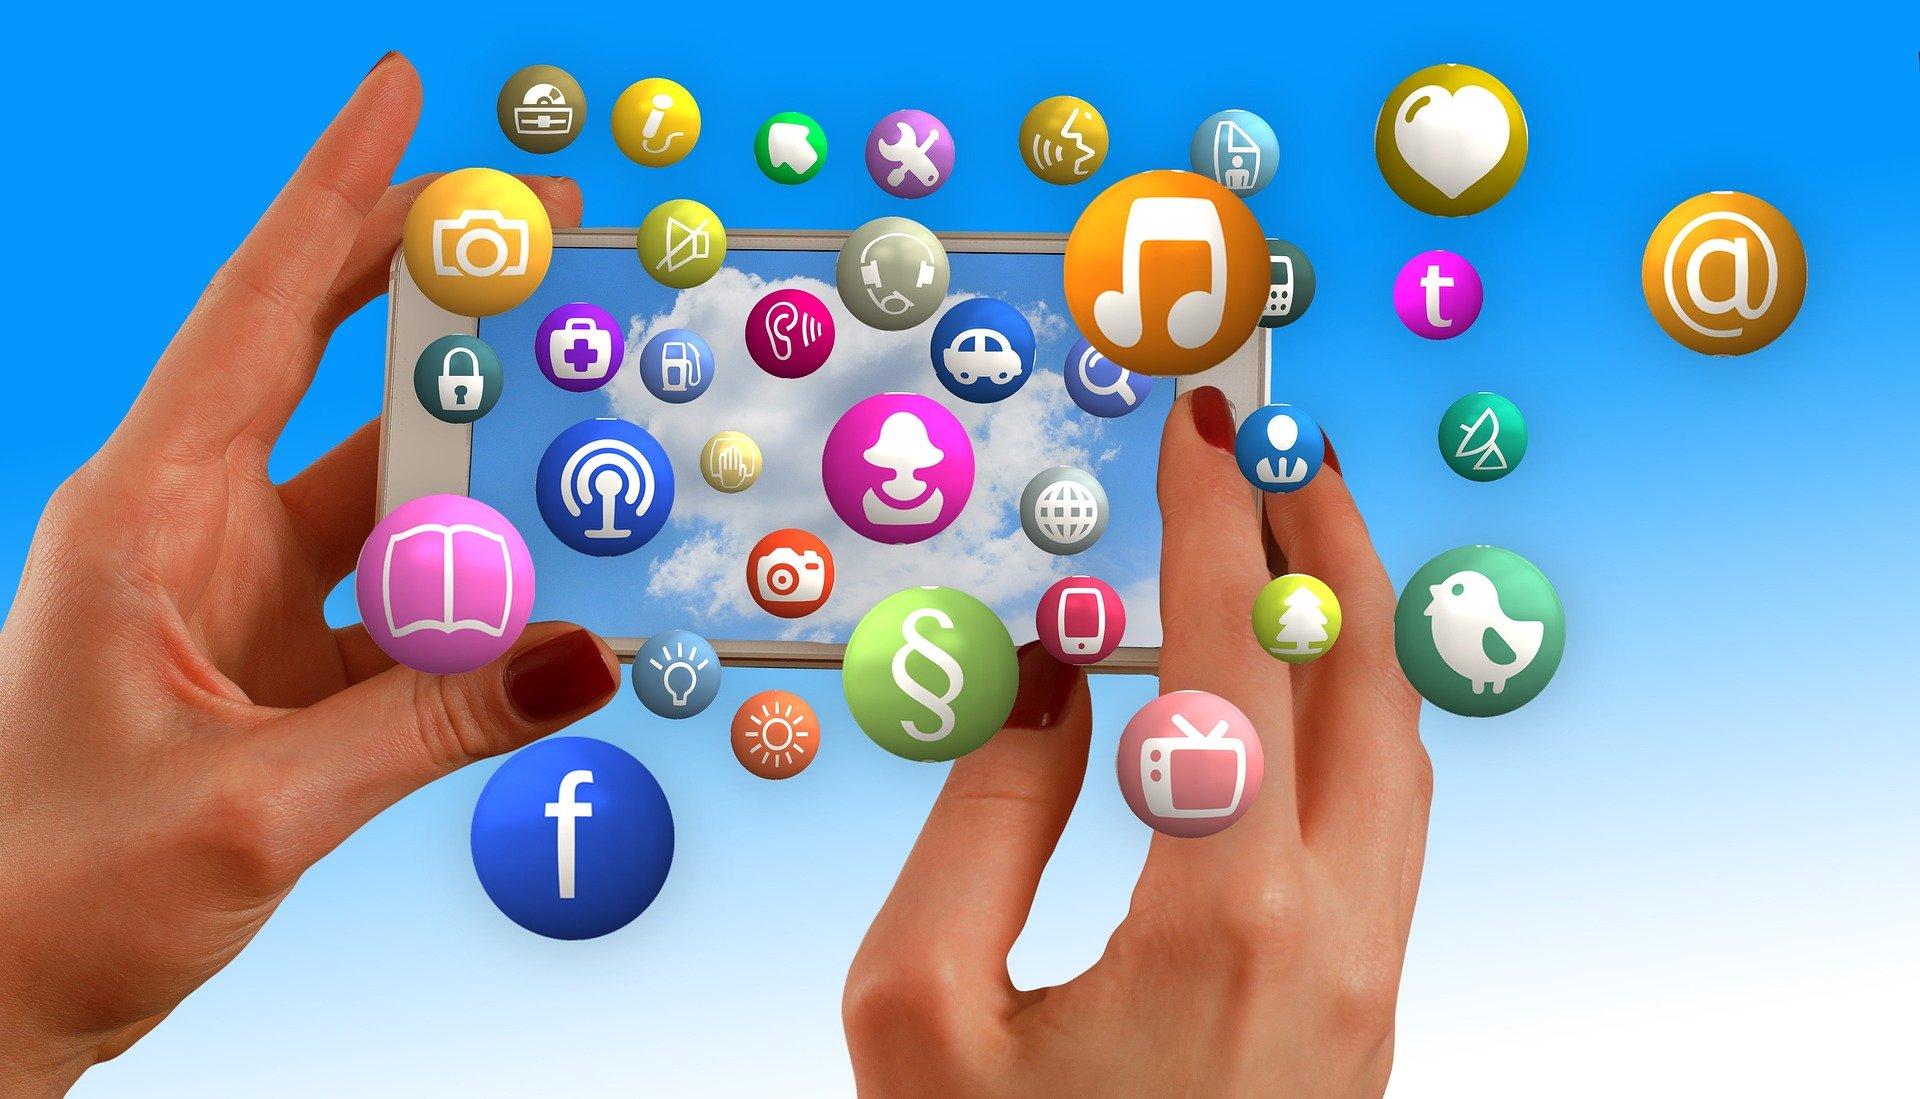 50+国外社交书签网站推荐,提升英文网站流量